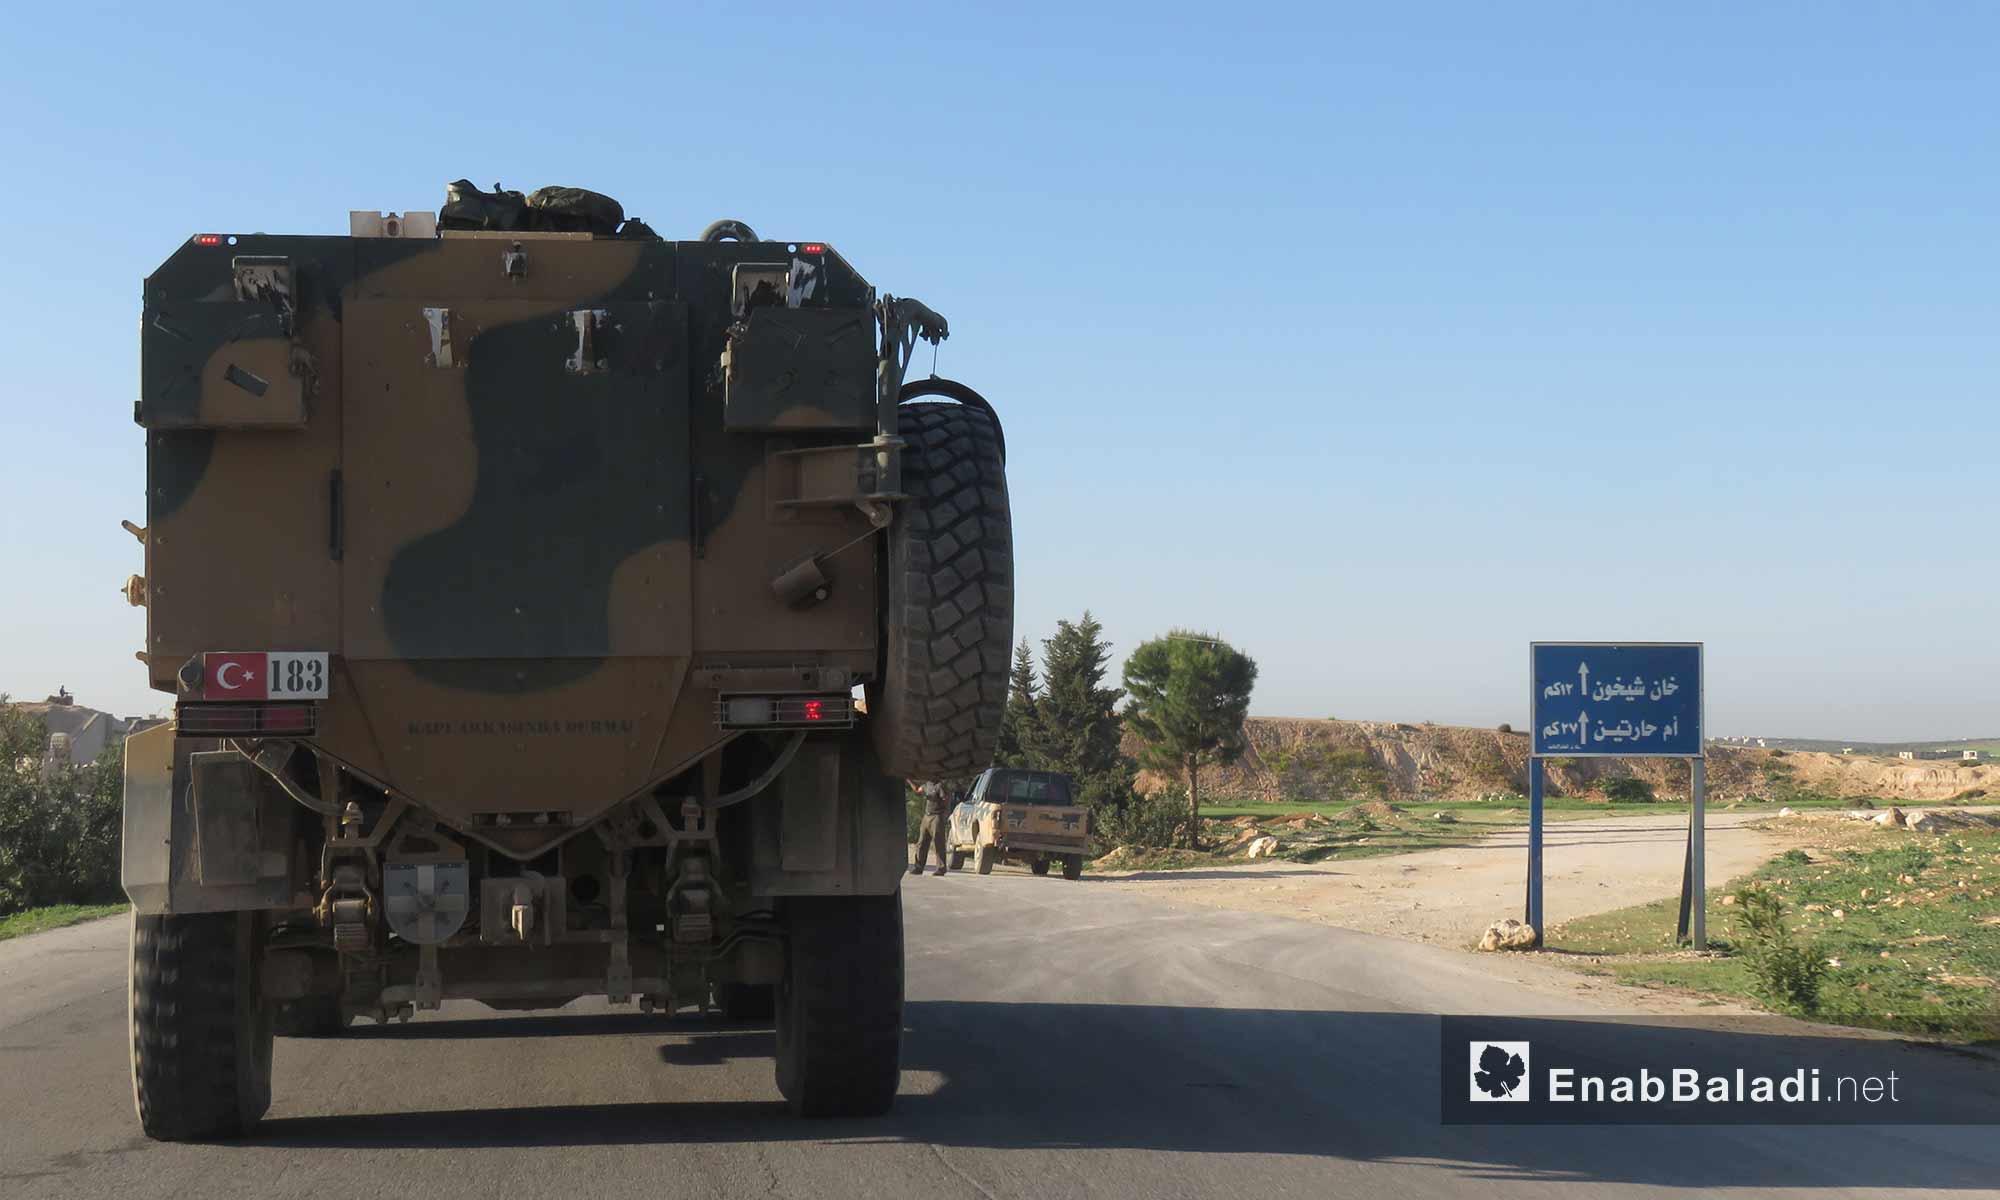 عتاد عسكري وسيارات ضمن رتل تركي يدخل ريف حماة لتبيث نقطة المراقبة التاسعة - 7 نيسان 2018 (عنب بلدي)